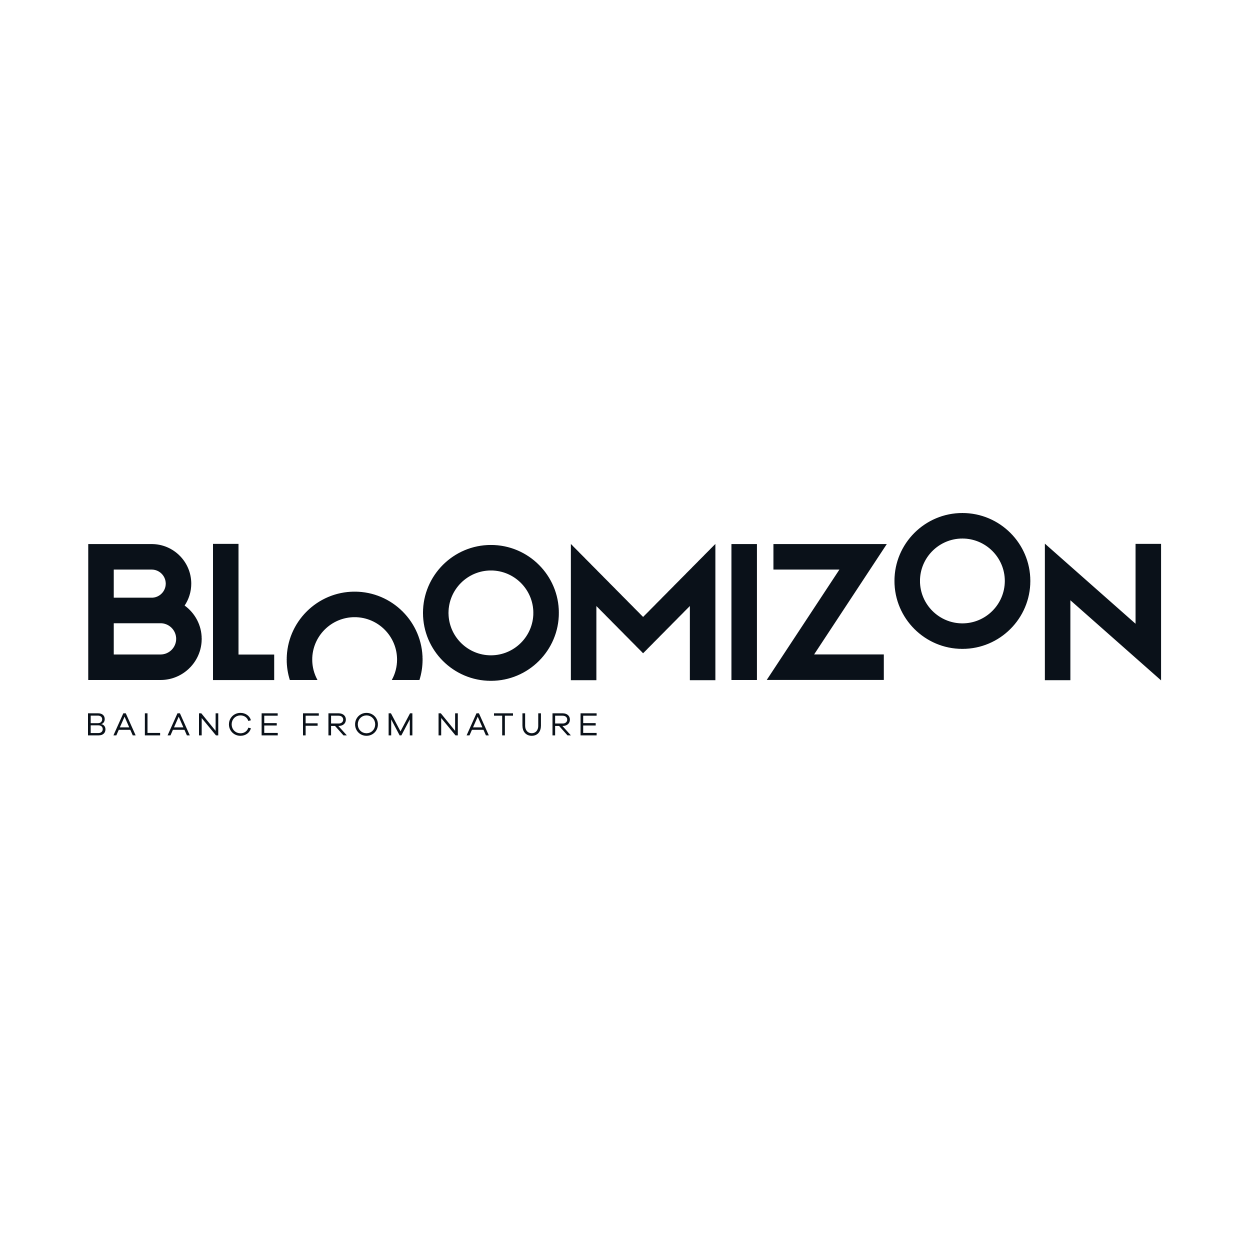 Bloomizon